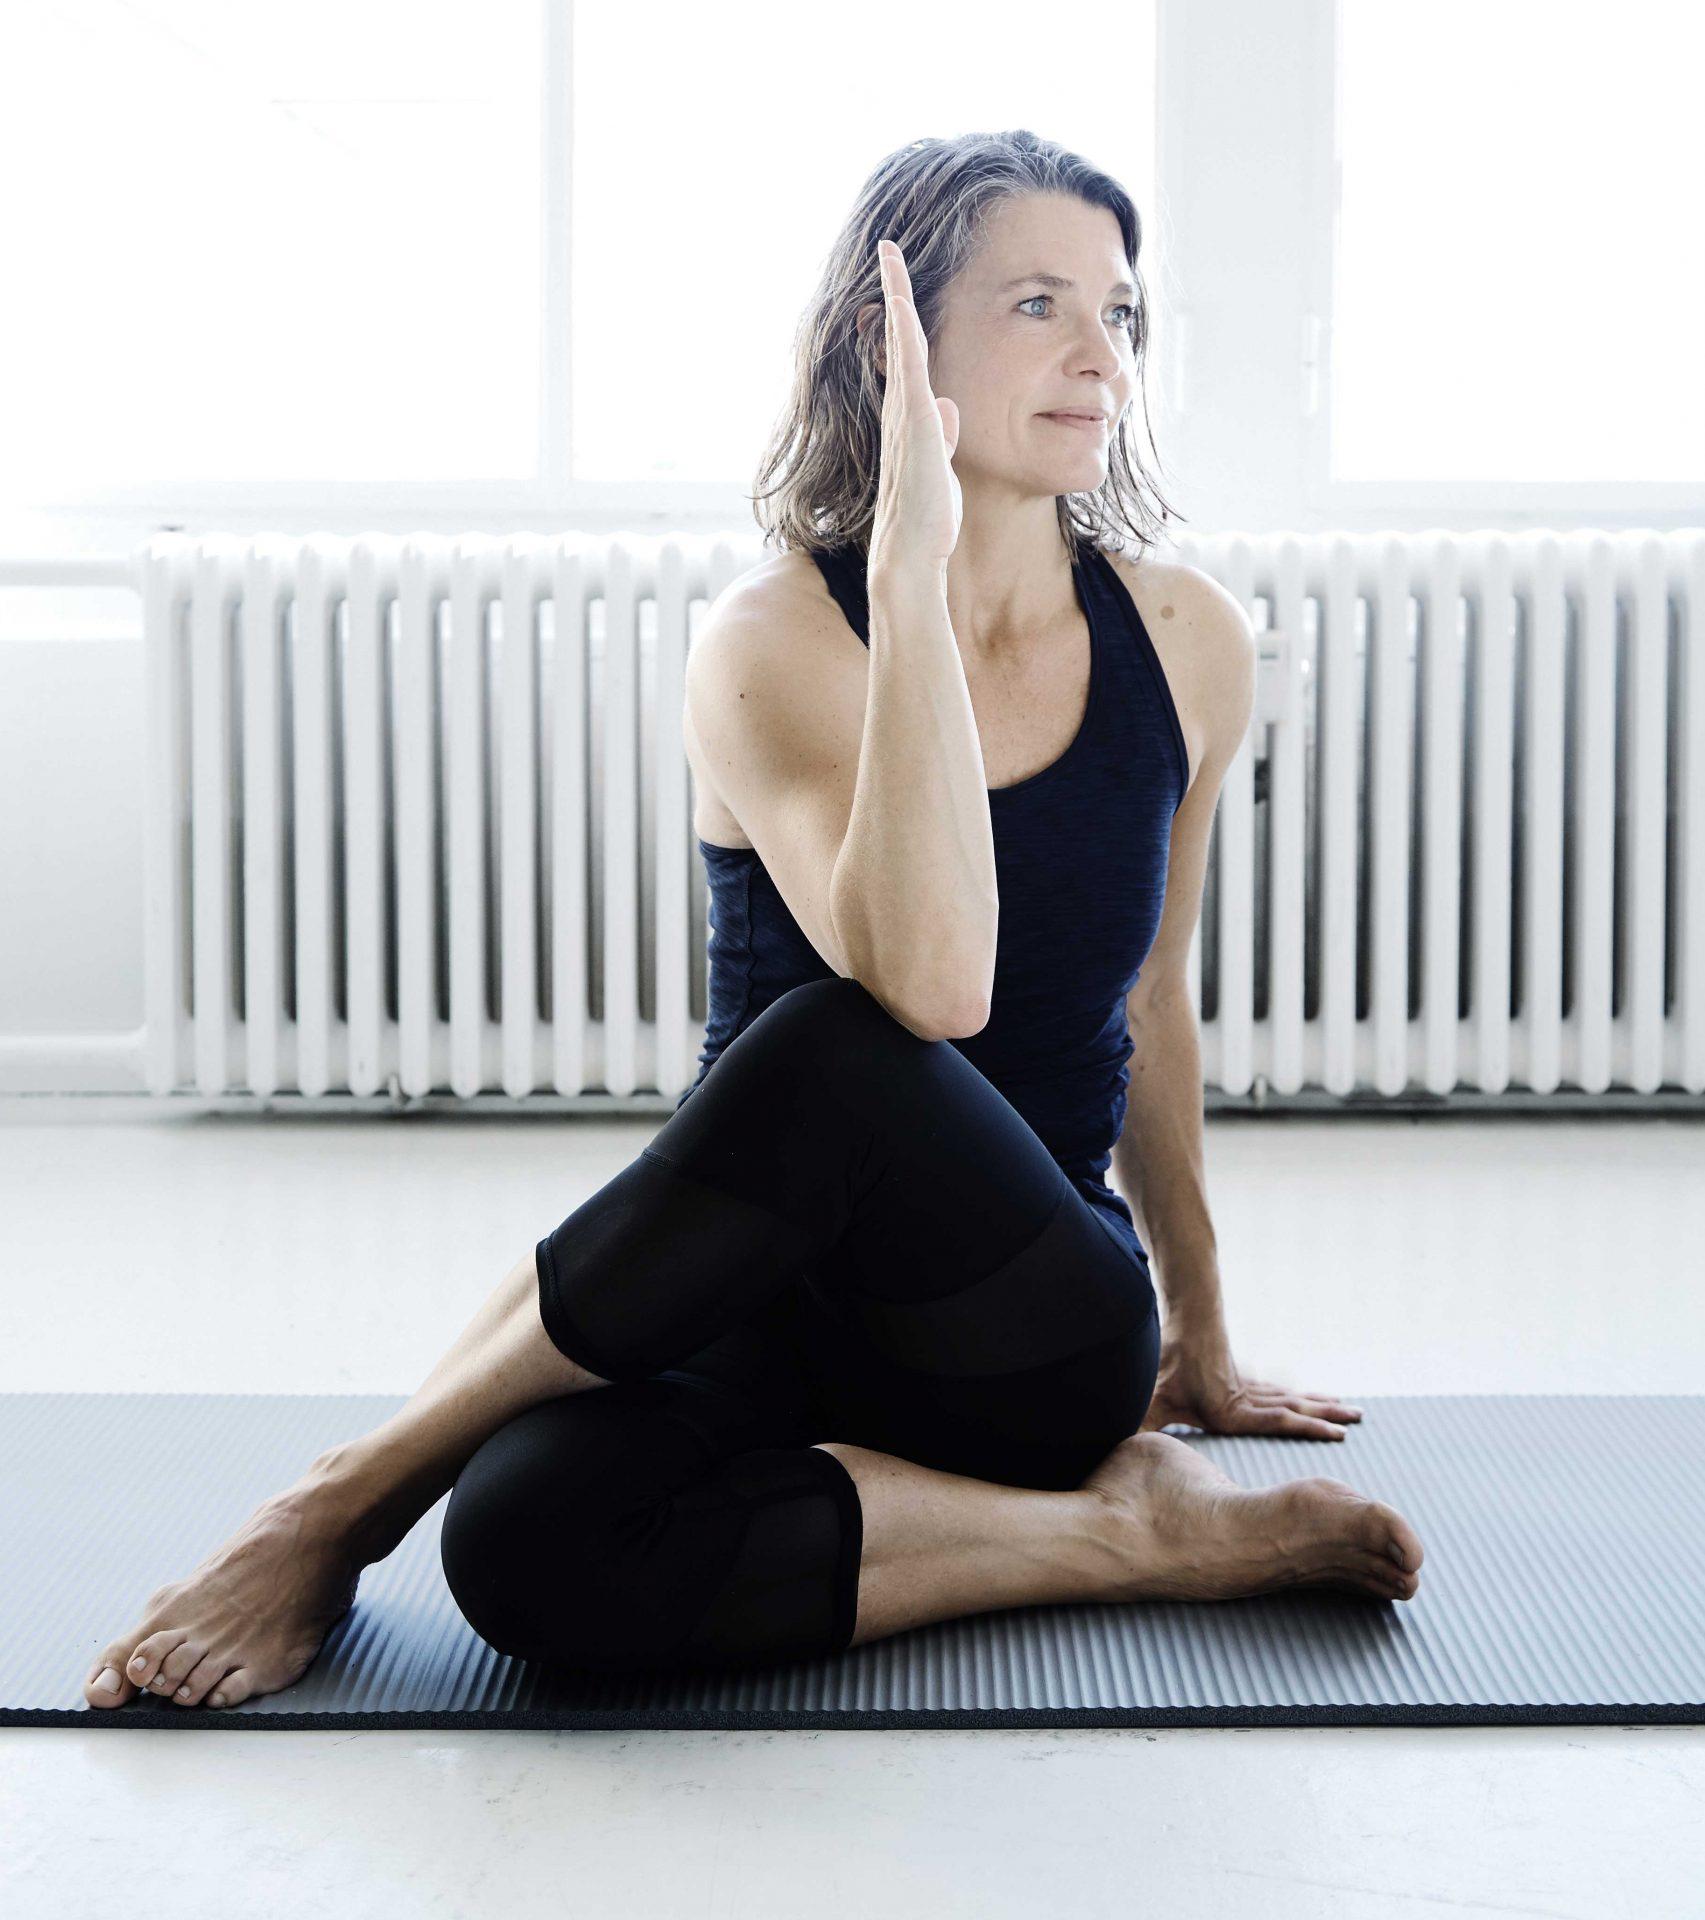 Job og krop Sjælland, yoga